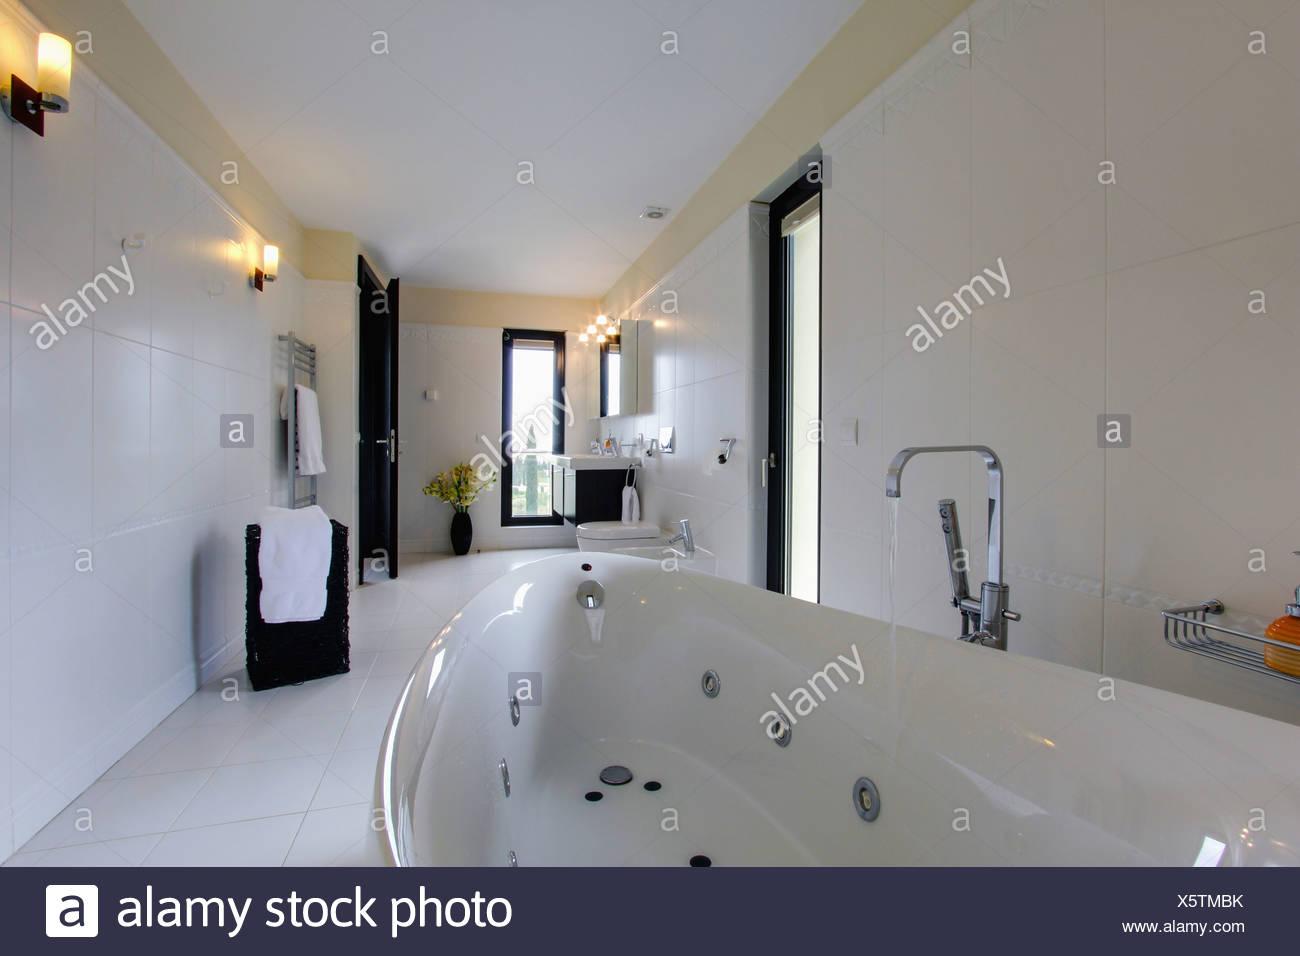 Robinet Chrome Verser De L Eau Dans Un Bain A Remous Dans La Salle De Bains Au Carrelage Blanc Moderne Villa En Espagnol Photo Stock Alamy